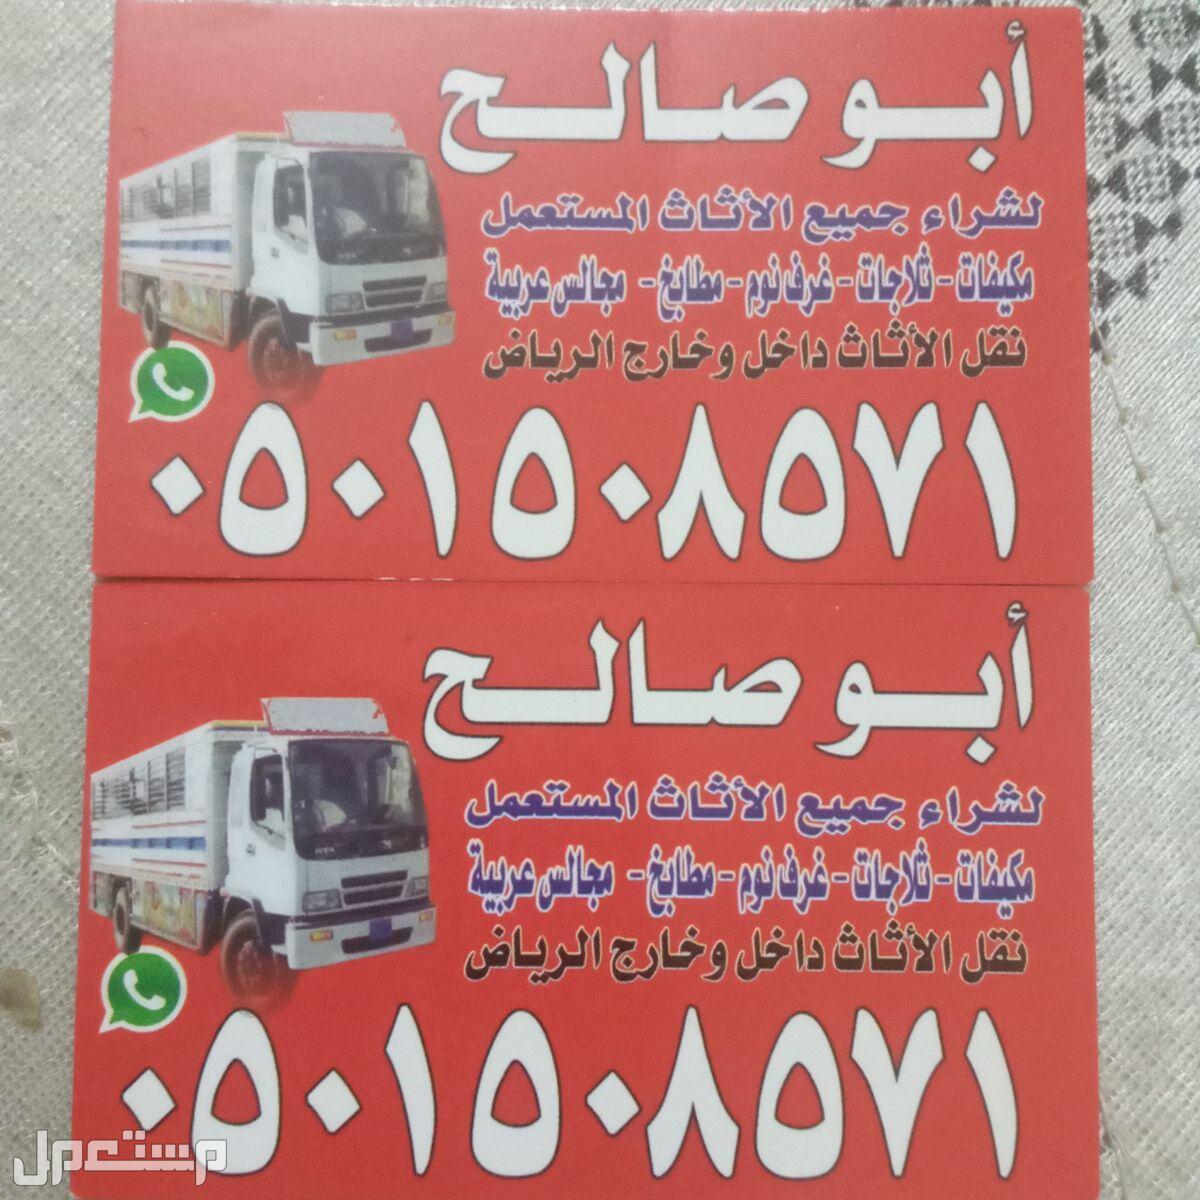 شراء أثاث مستعمل بالرياض شراء أثاث مستعمل بالرياض 0501508571